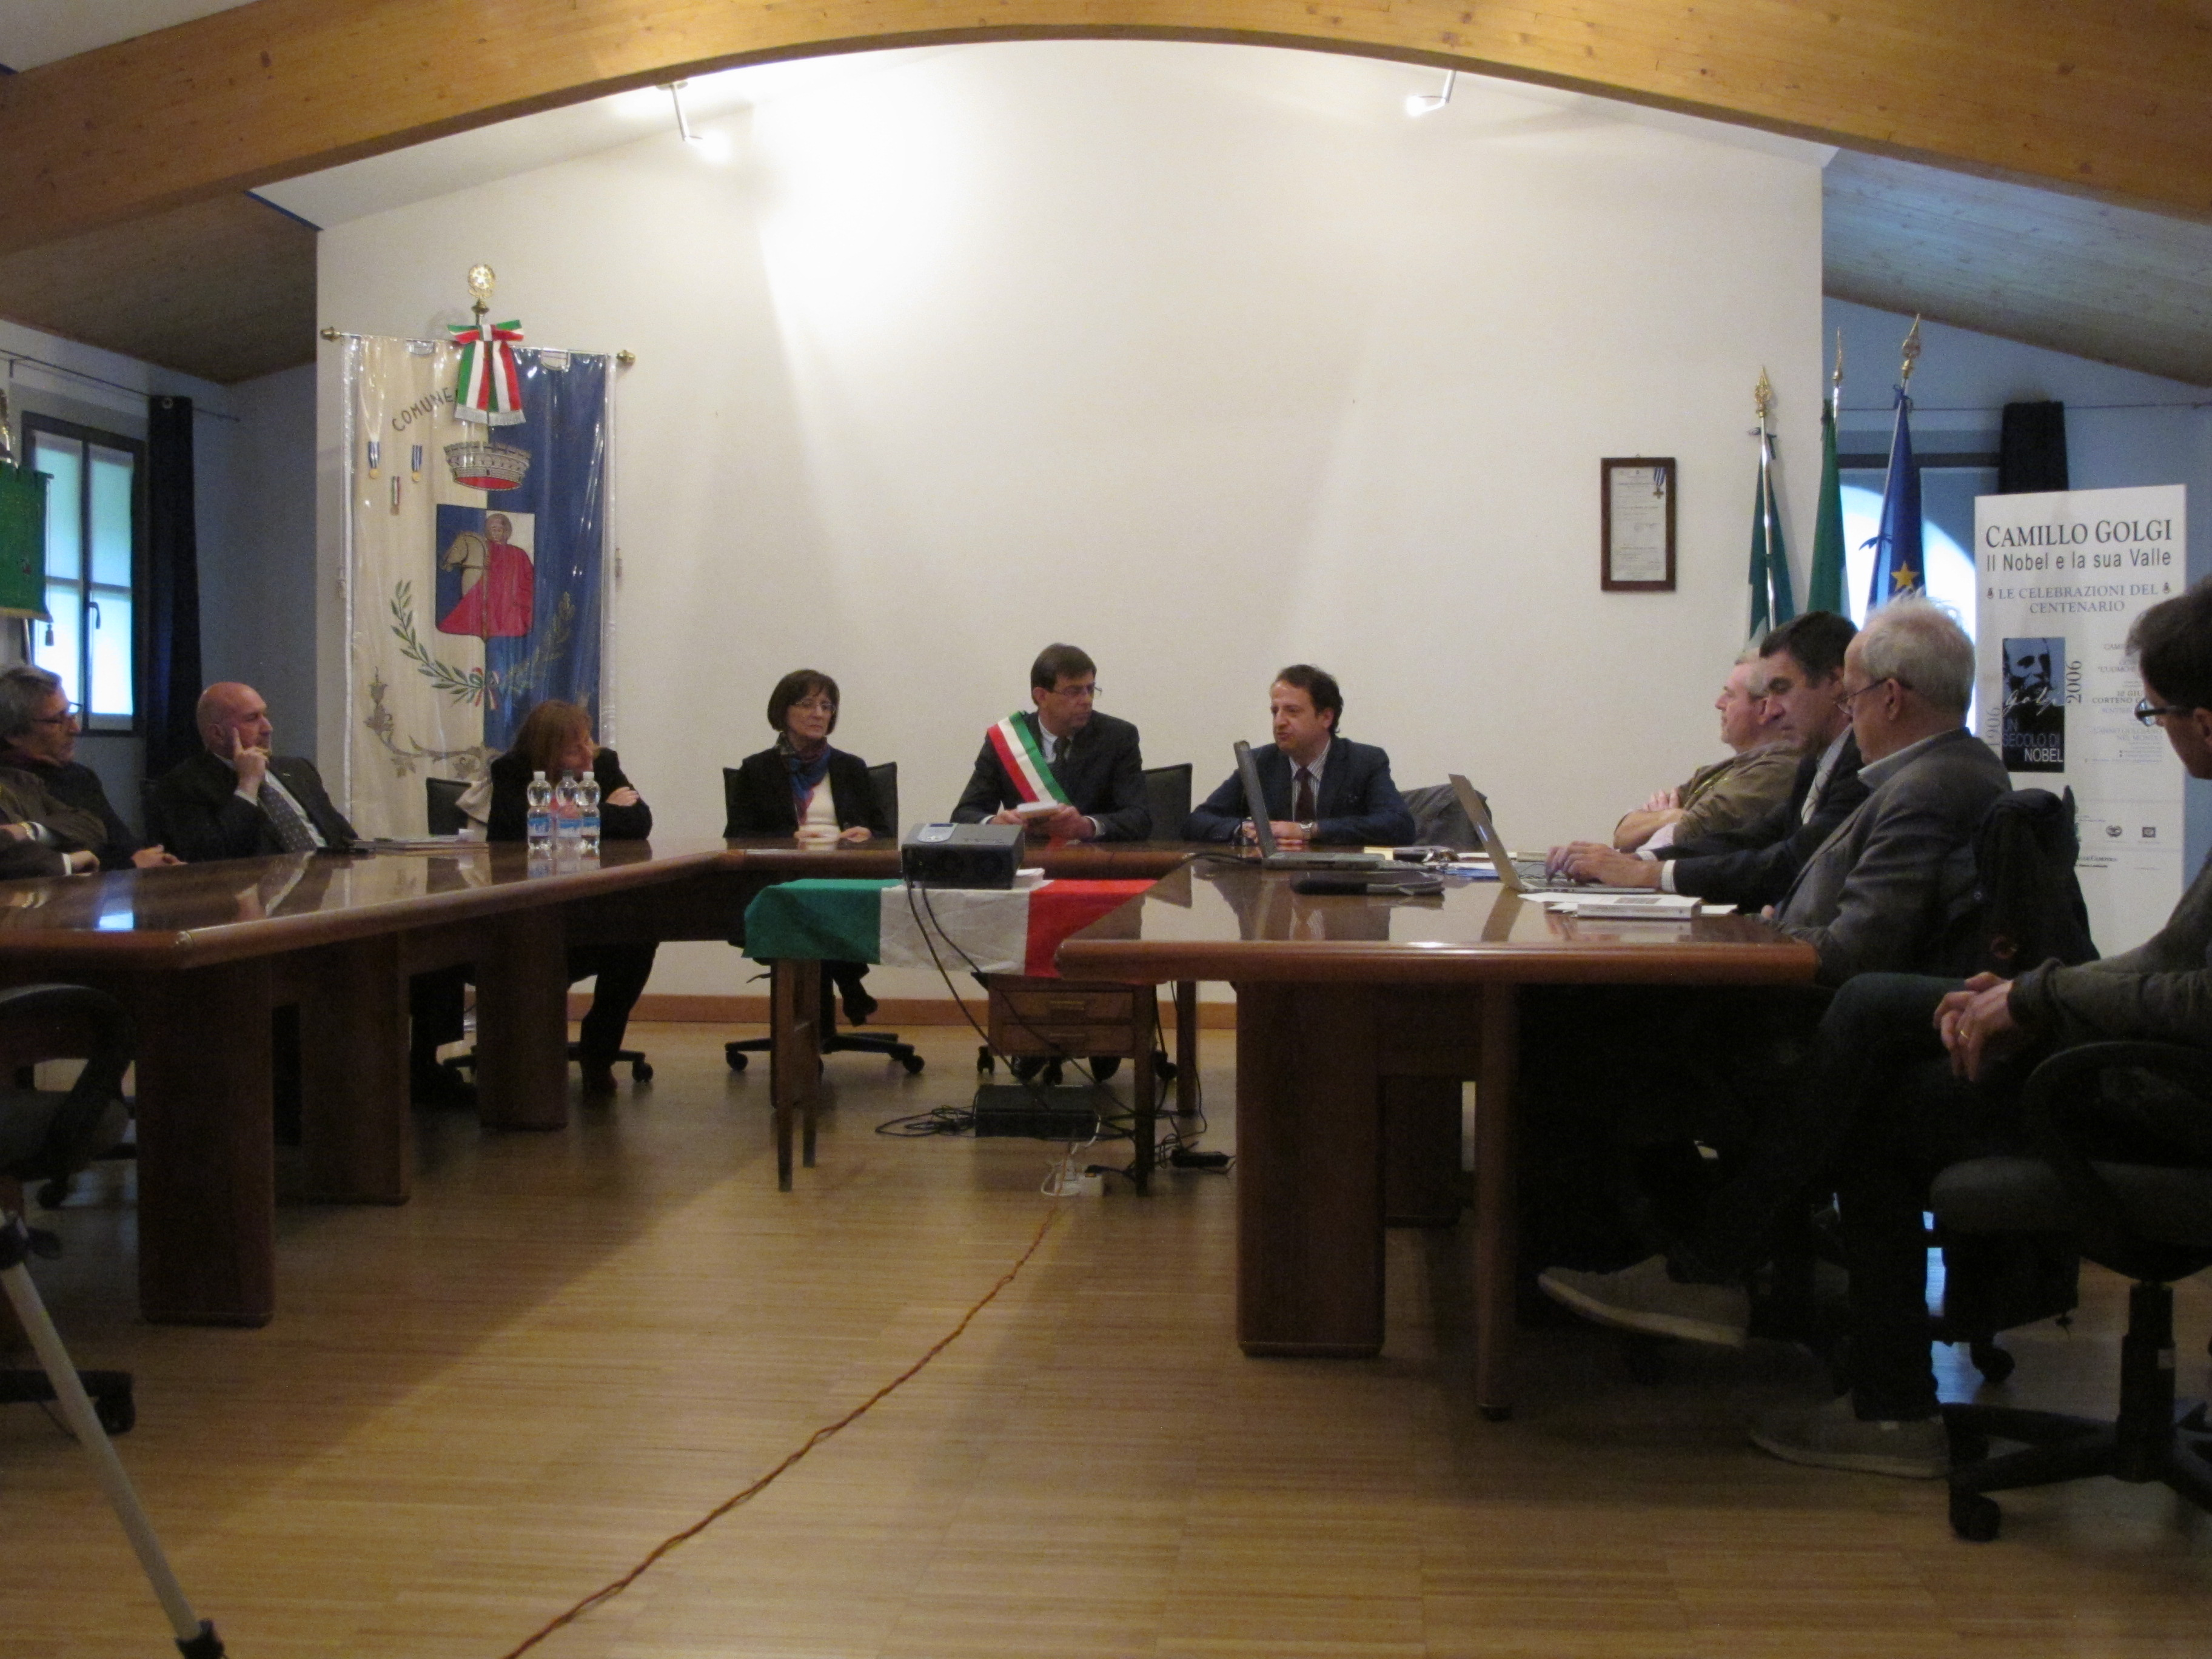 04_convegno Resistenza seme dell'Europa a Corteno Golgi